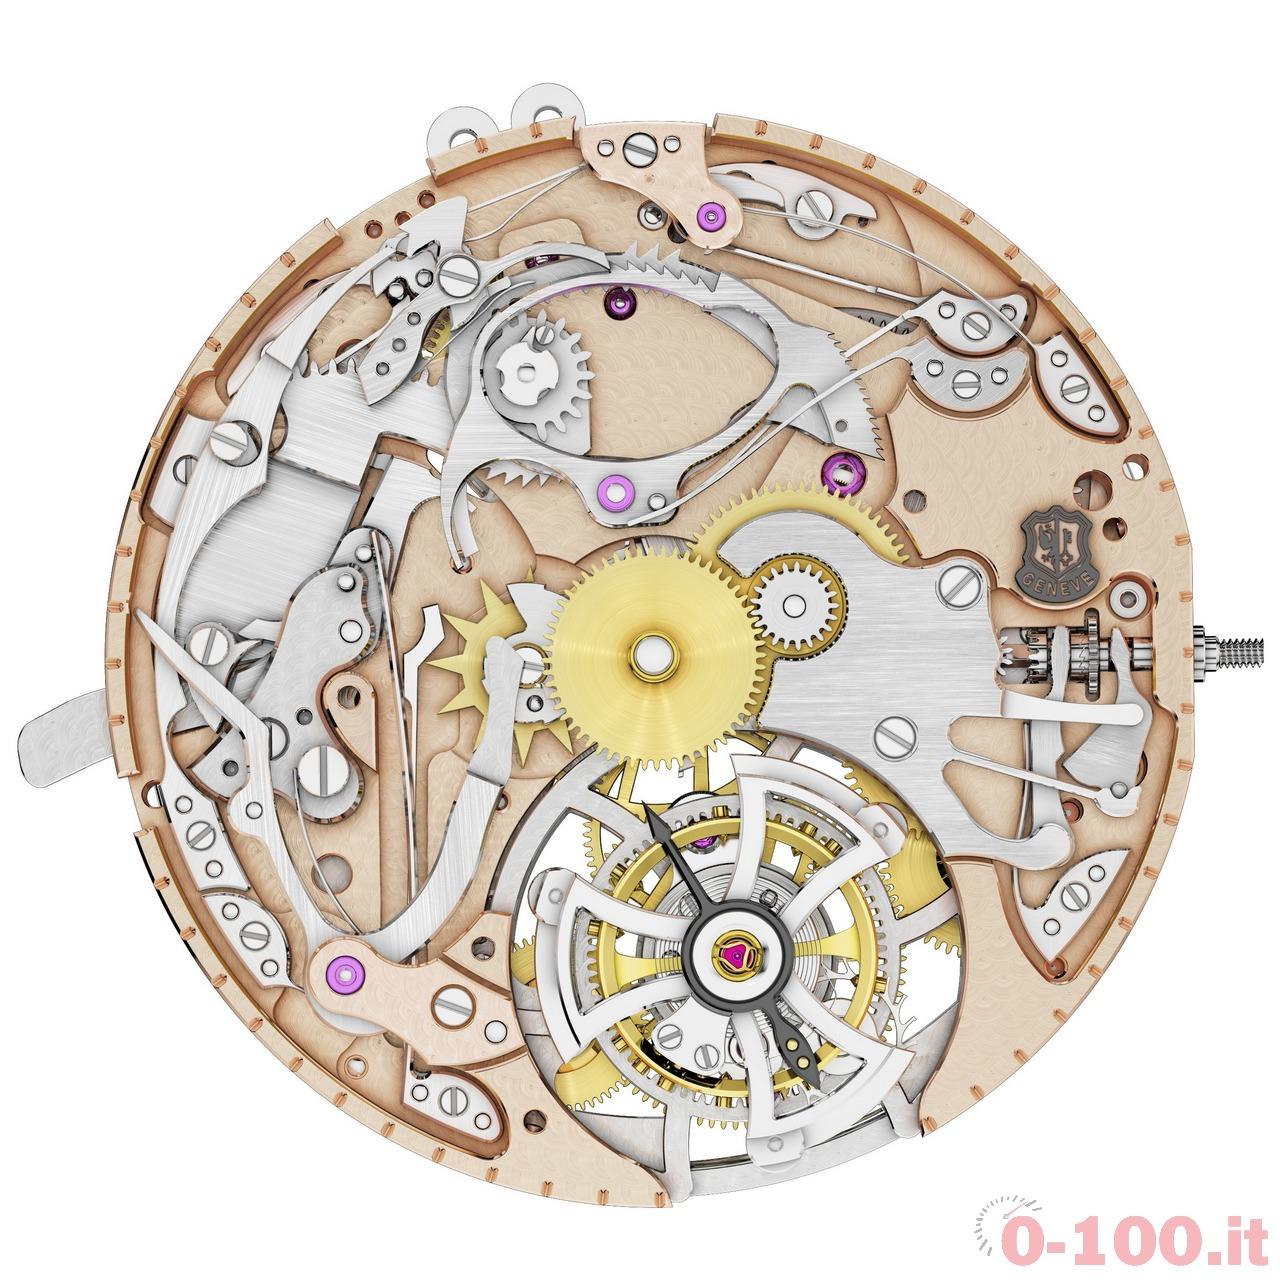 roger-dubuis-hommage-ripetizione-minuti-tourbillon-automatico-limited-edition-0-100_11